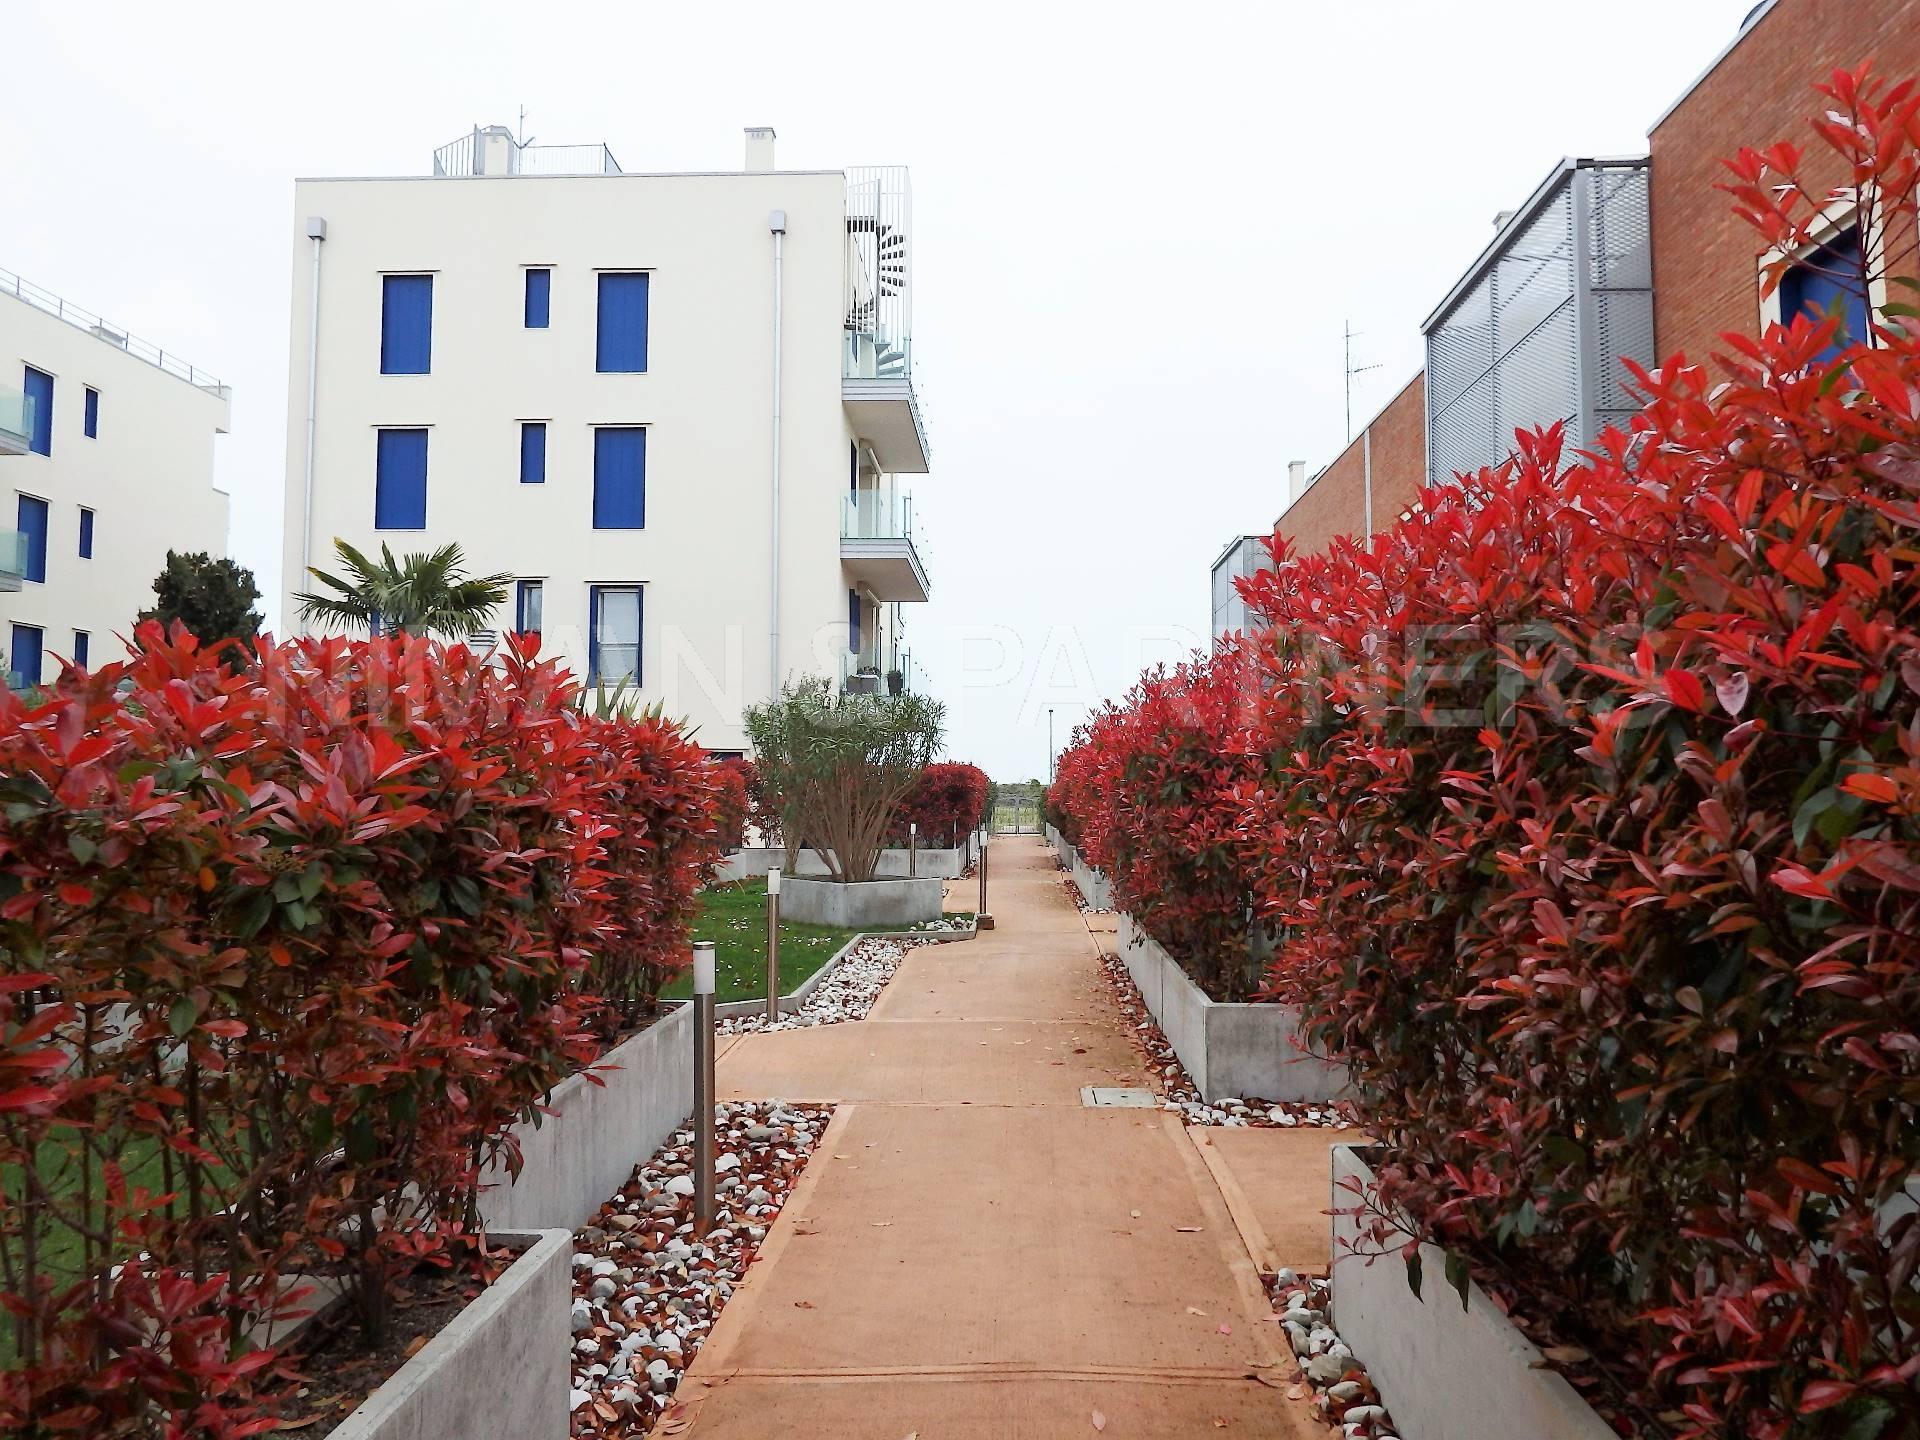 Appartamento in vendita a Venezia, 3 locali, zona Zona: 8 . Lido, prezzo € 436.500 | Cambio Casa.it